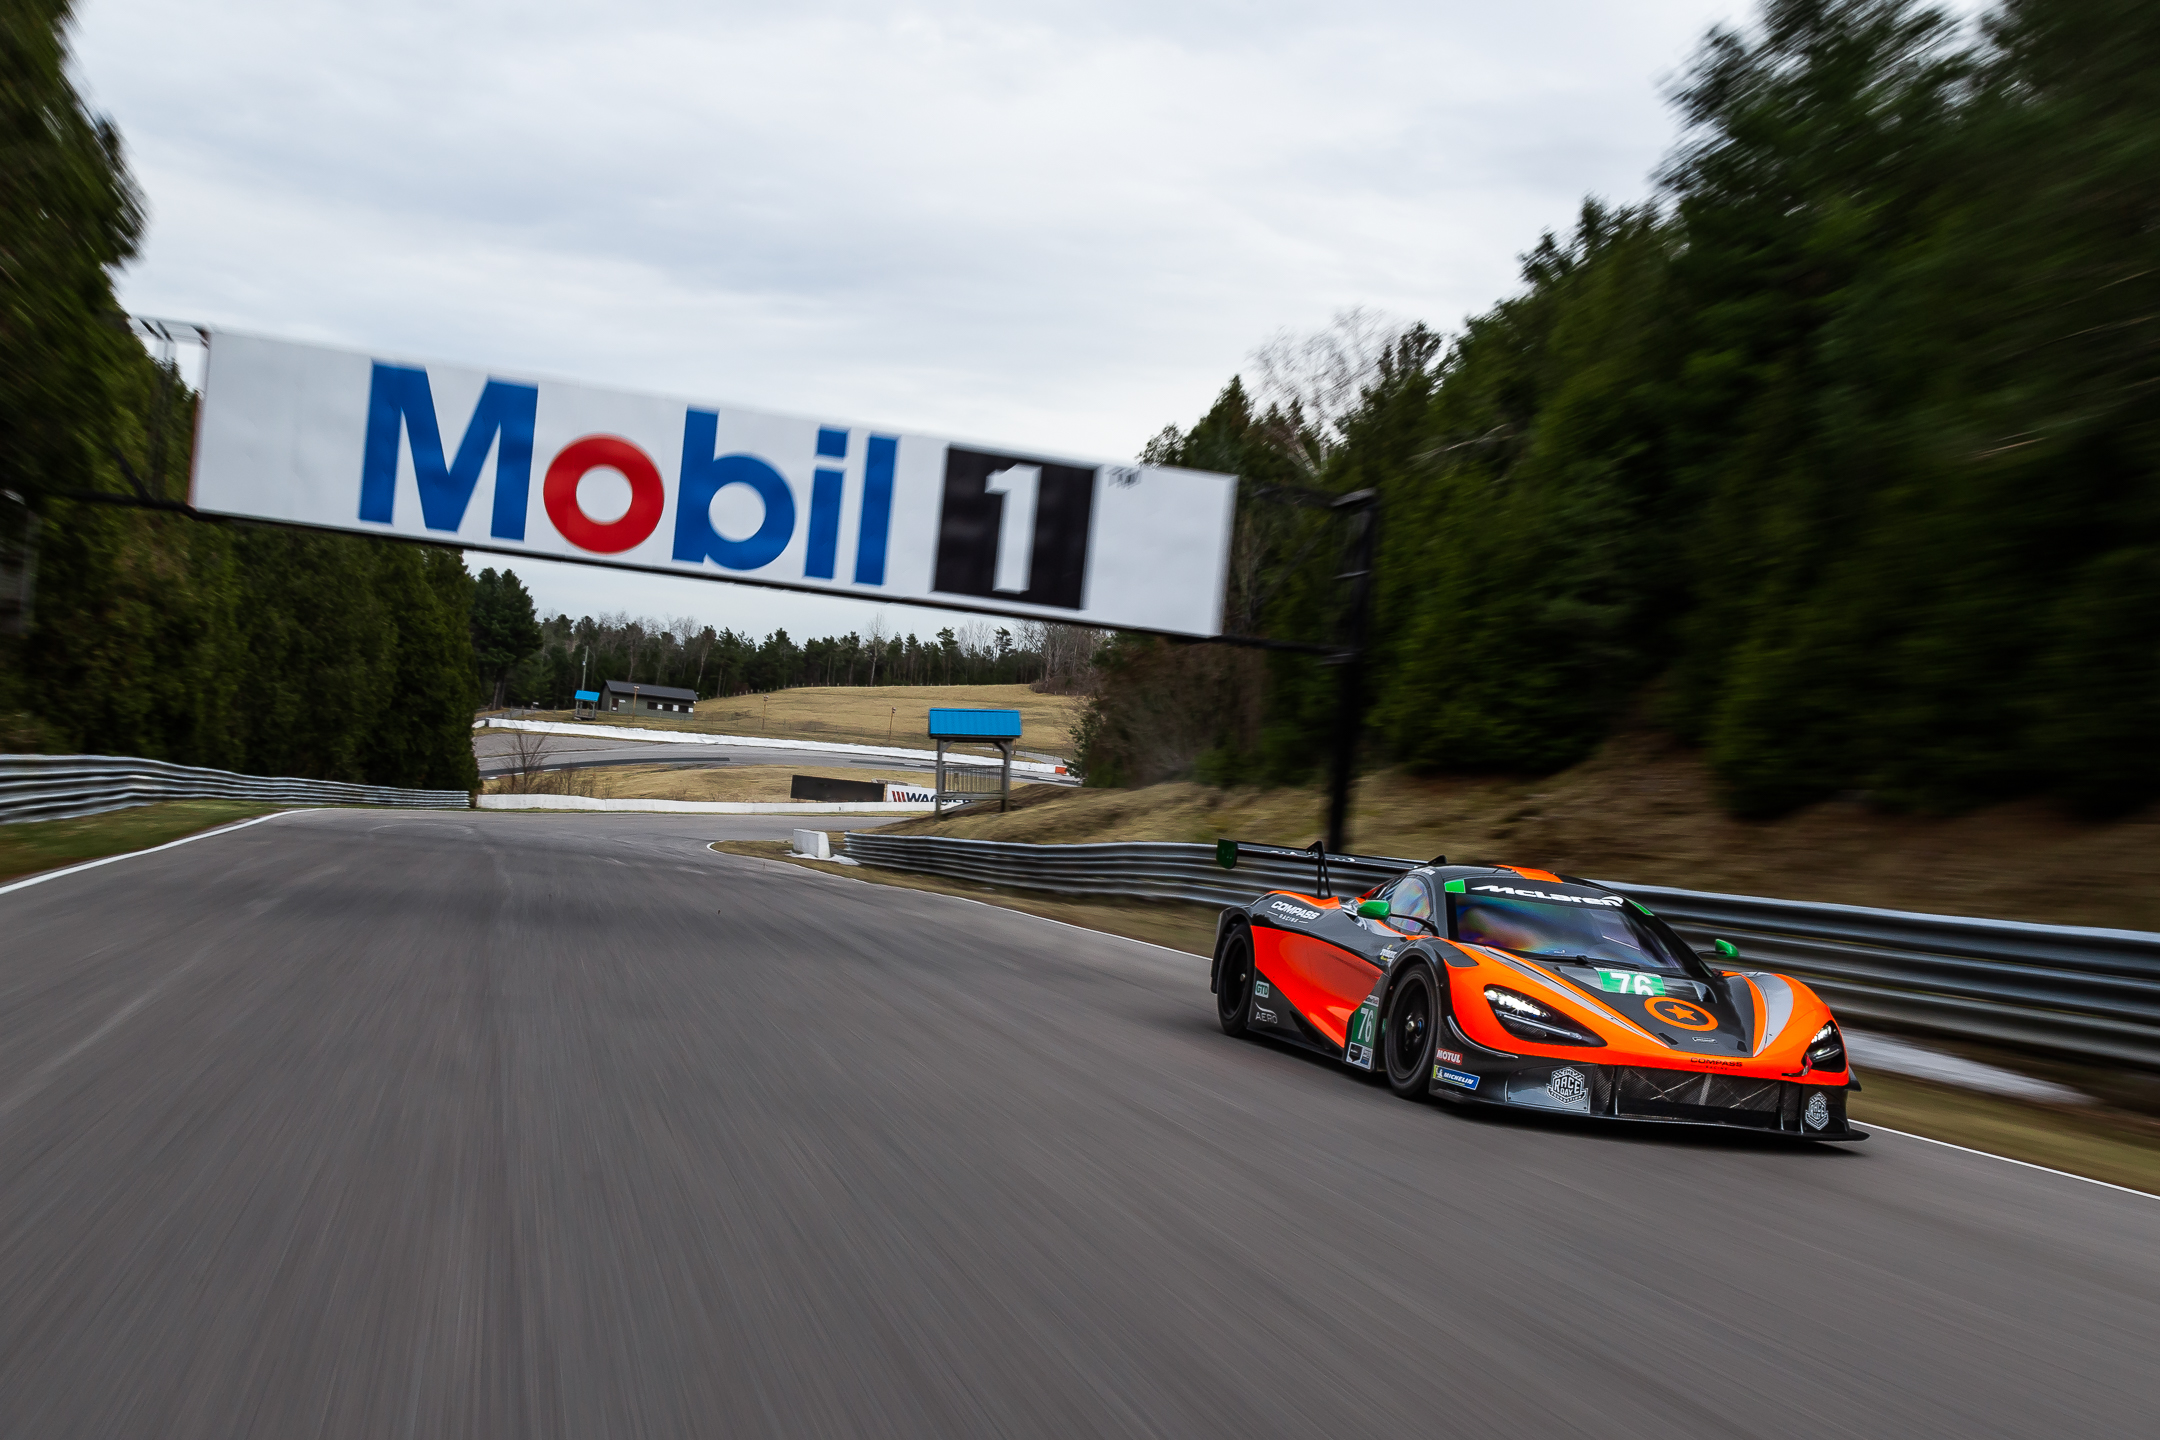 McLaren 720S GT3 - Compass Racing-9003.jpg